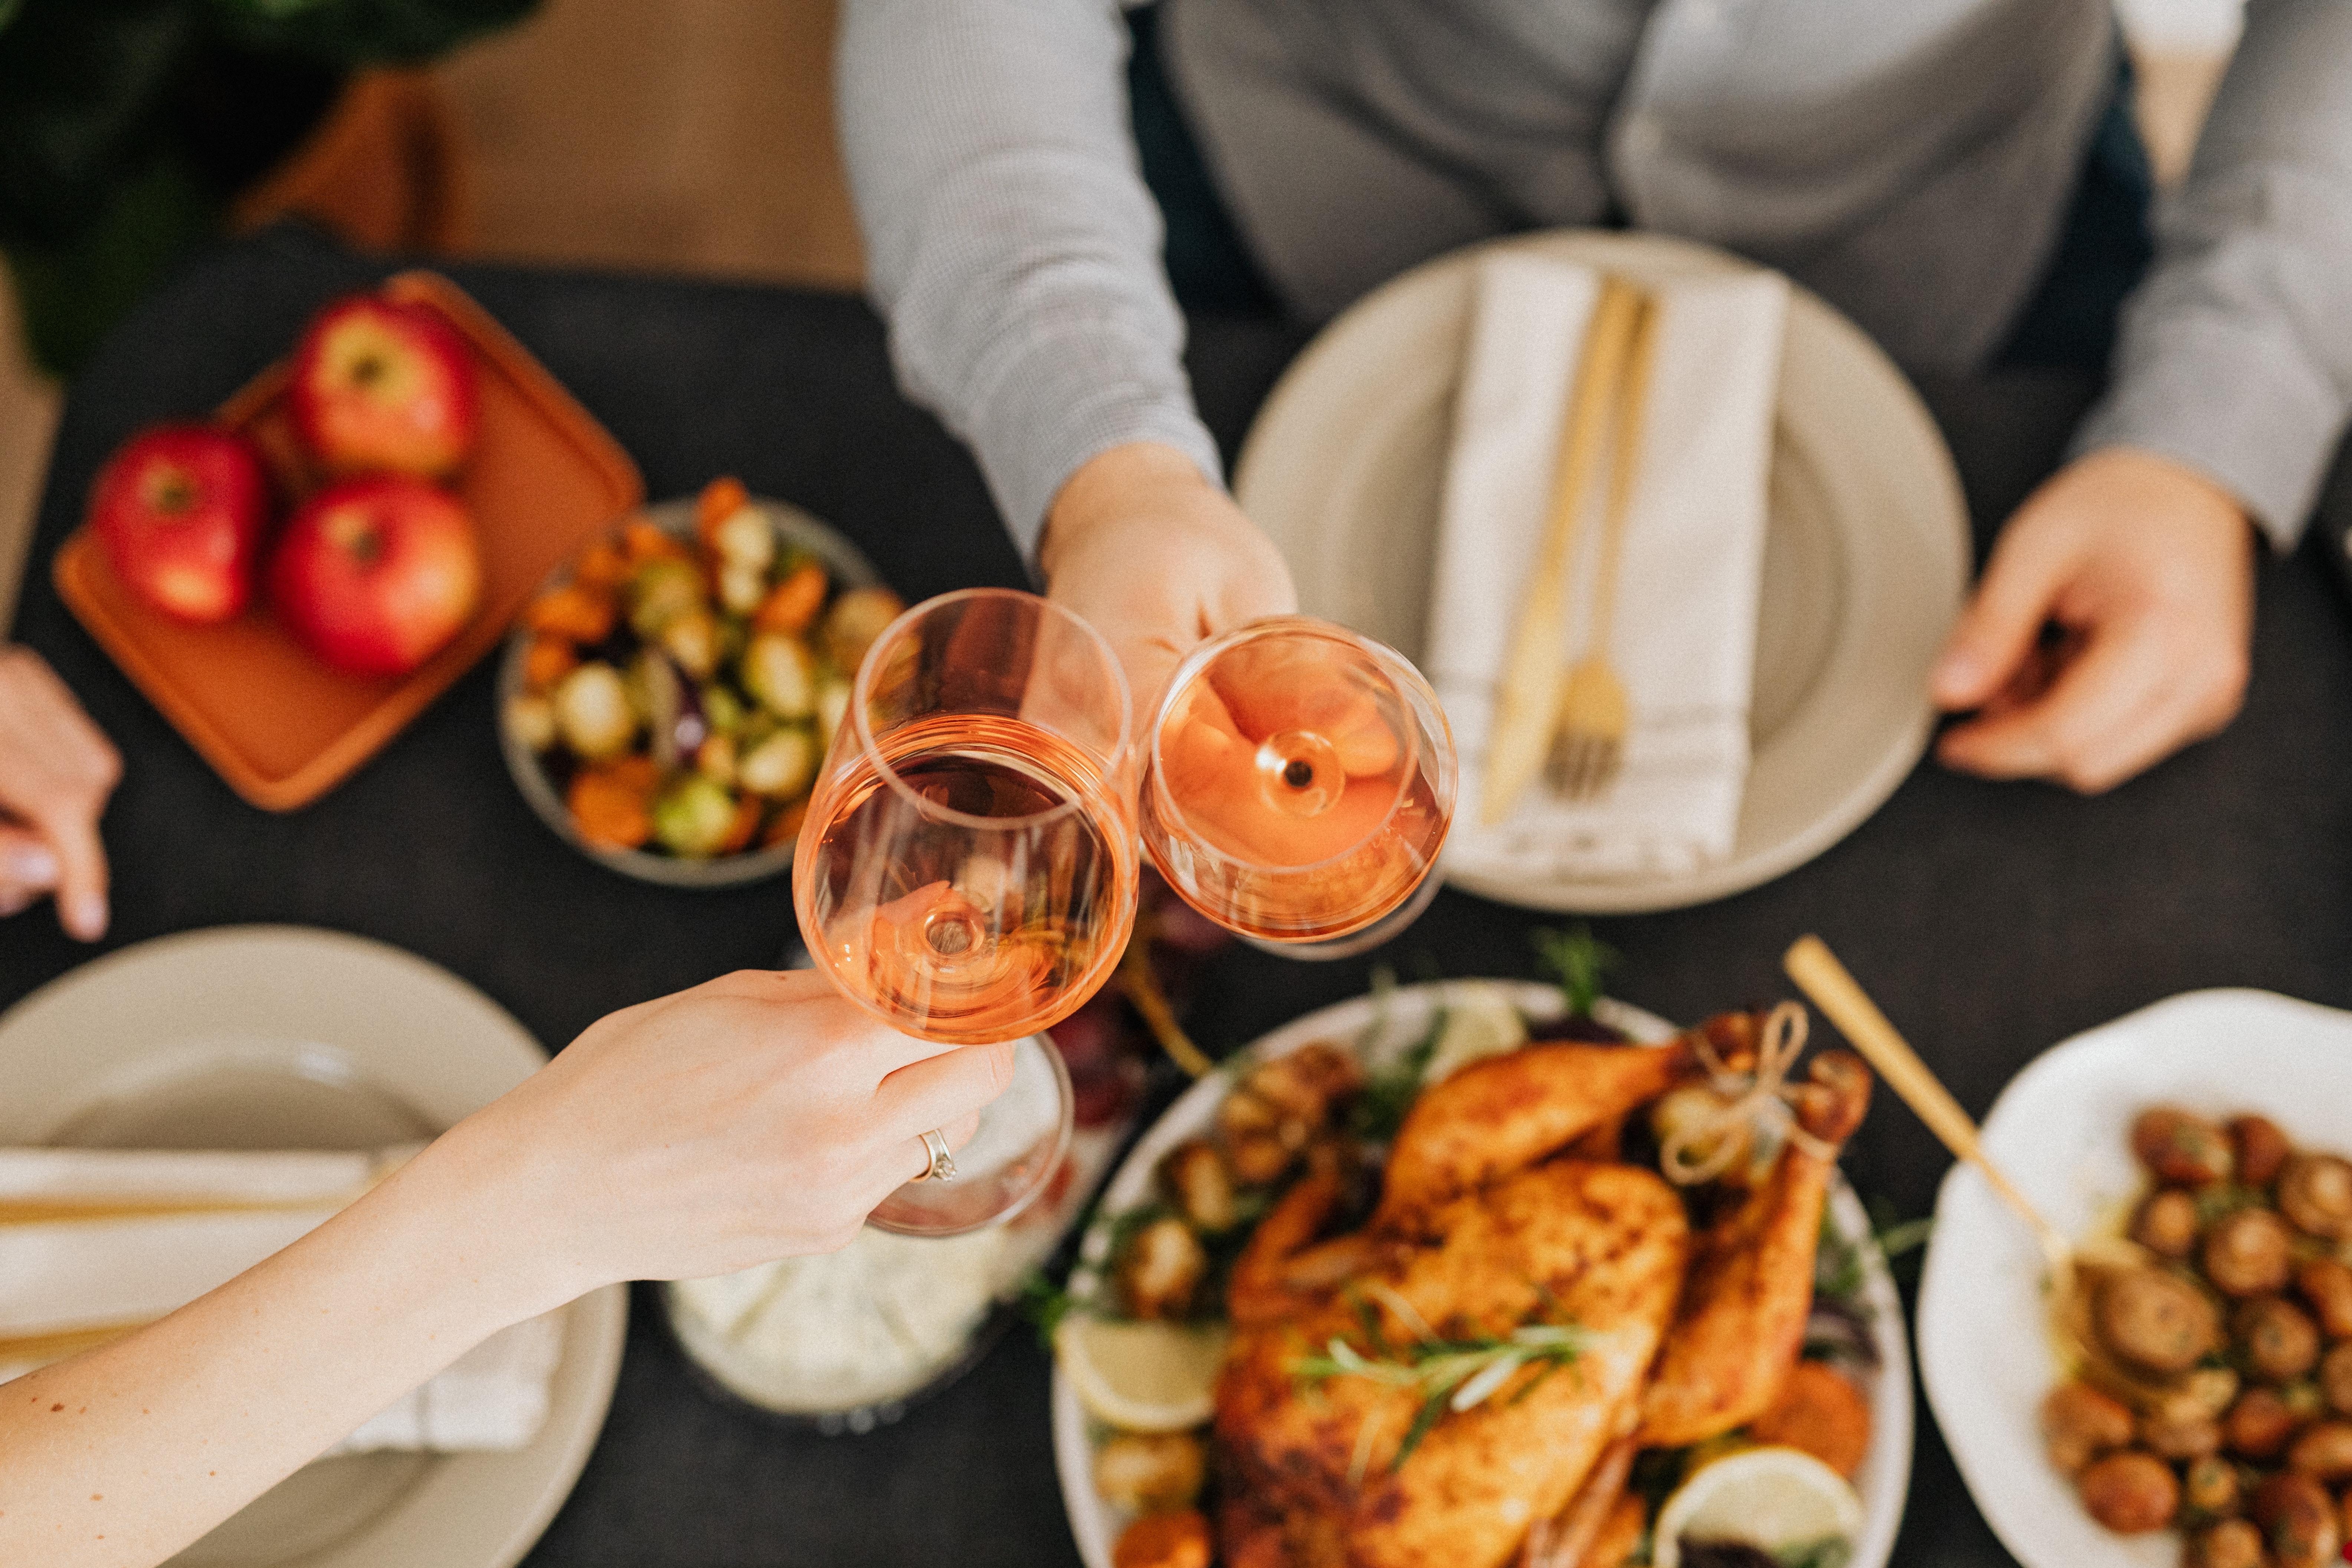 Tips for Celebrating Thanksgiving at Disney World